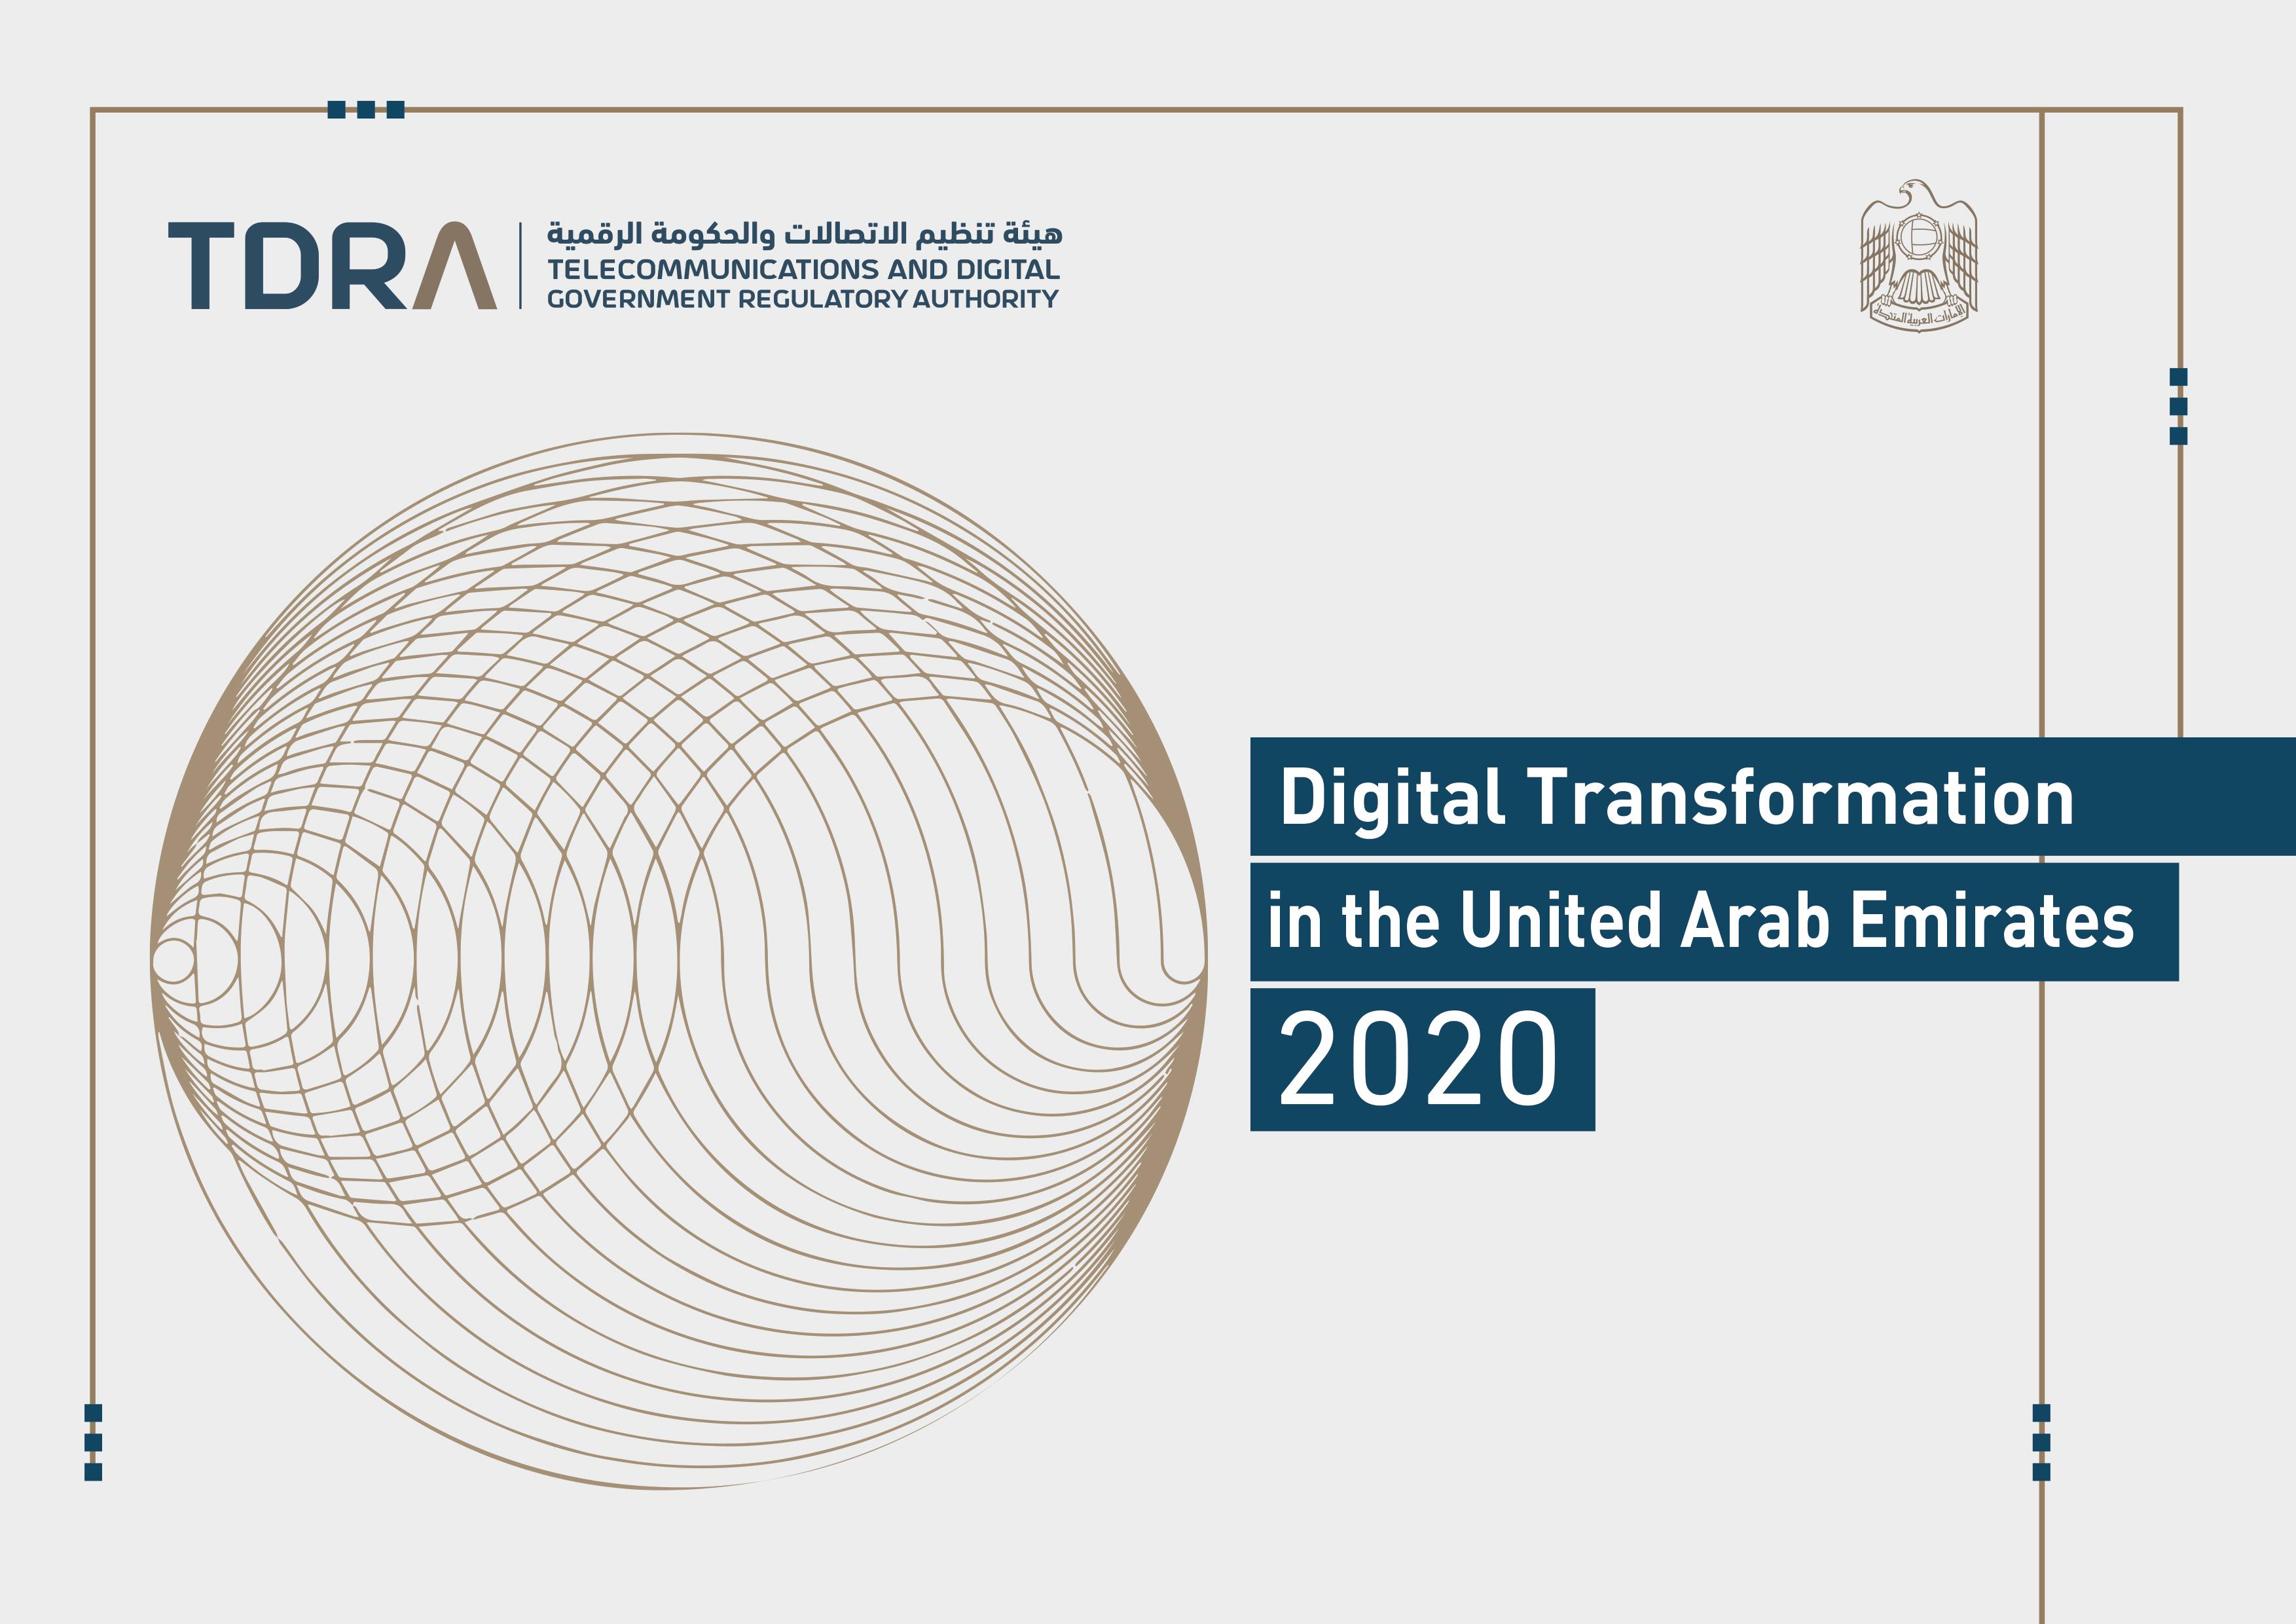 تنظيم الاتصالات والحكومة الرقمية تصدر تقرير التحول الرقمي في دولة الإمارات - البث غداً 11 ص-1